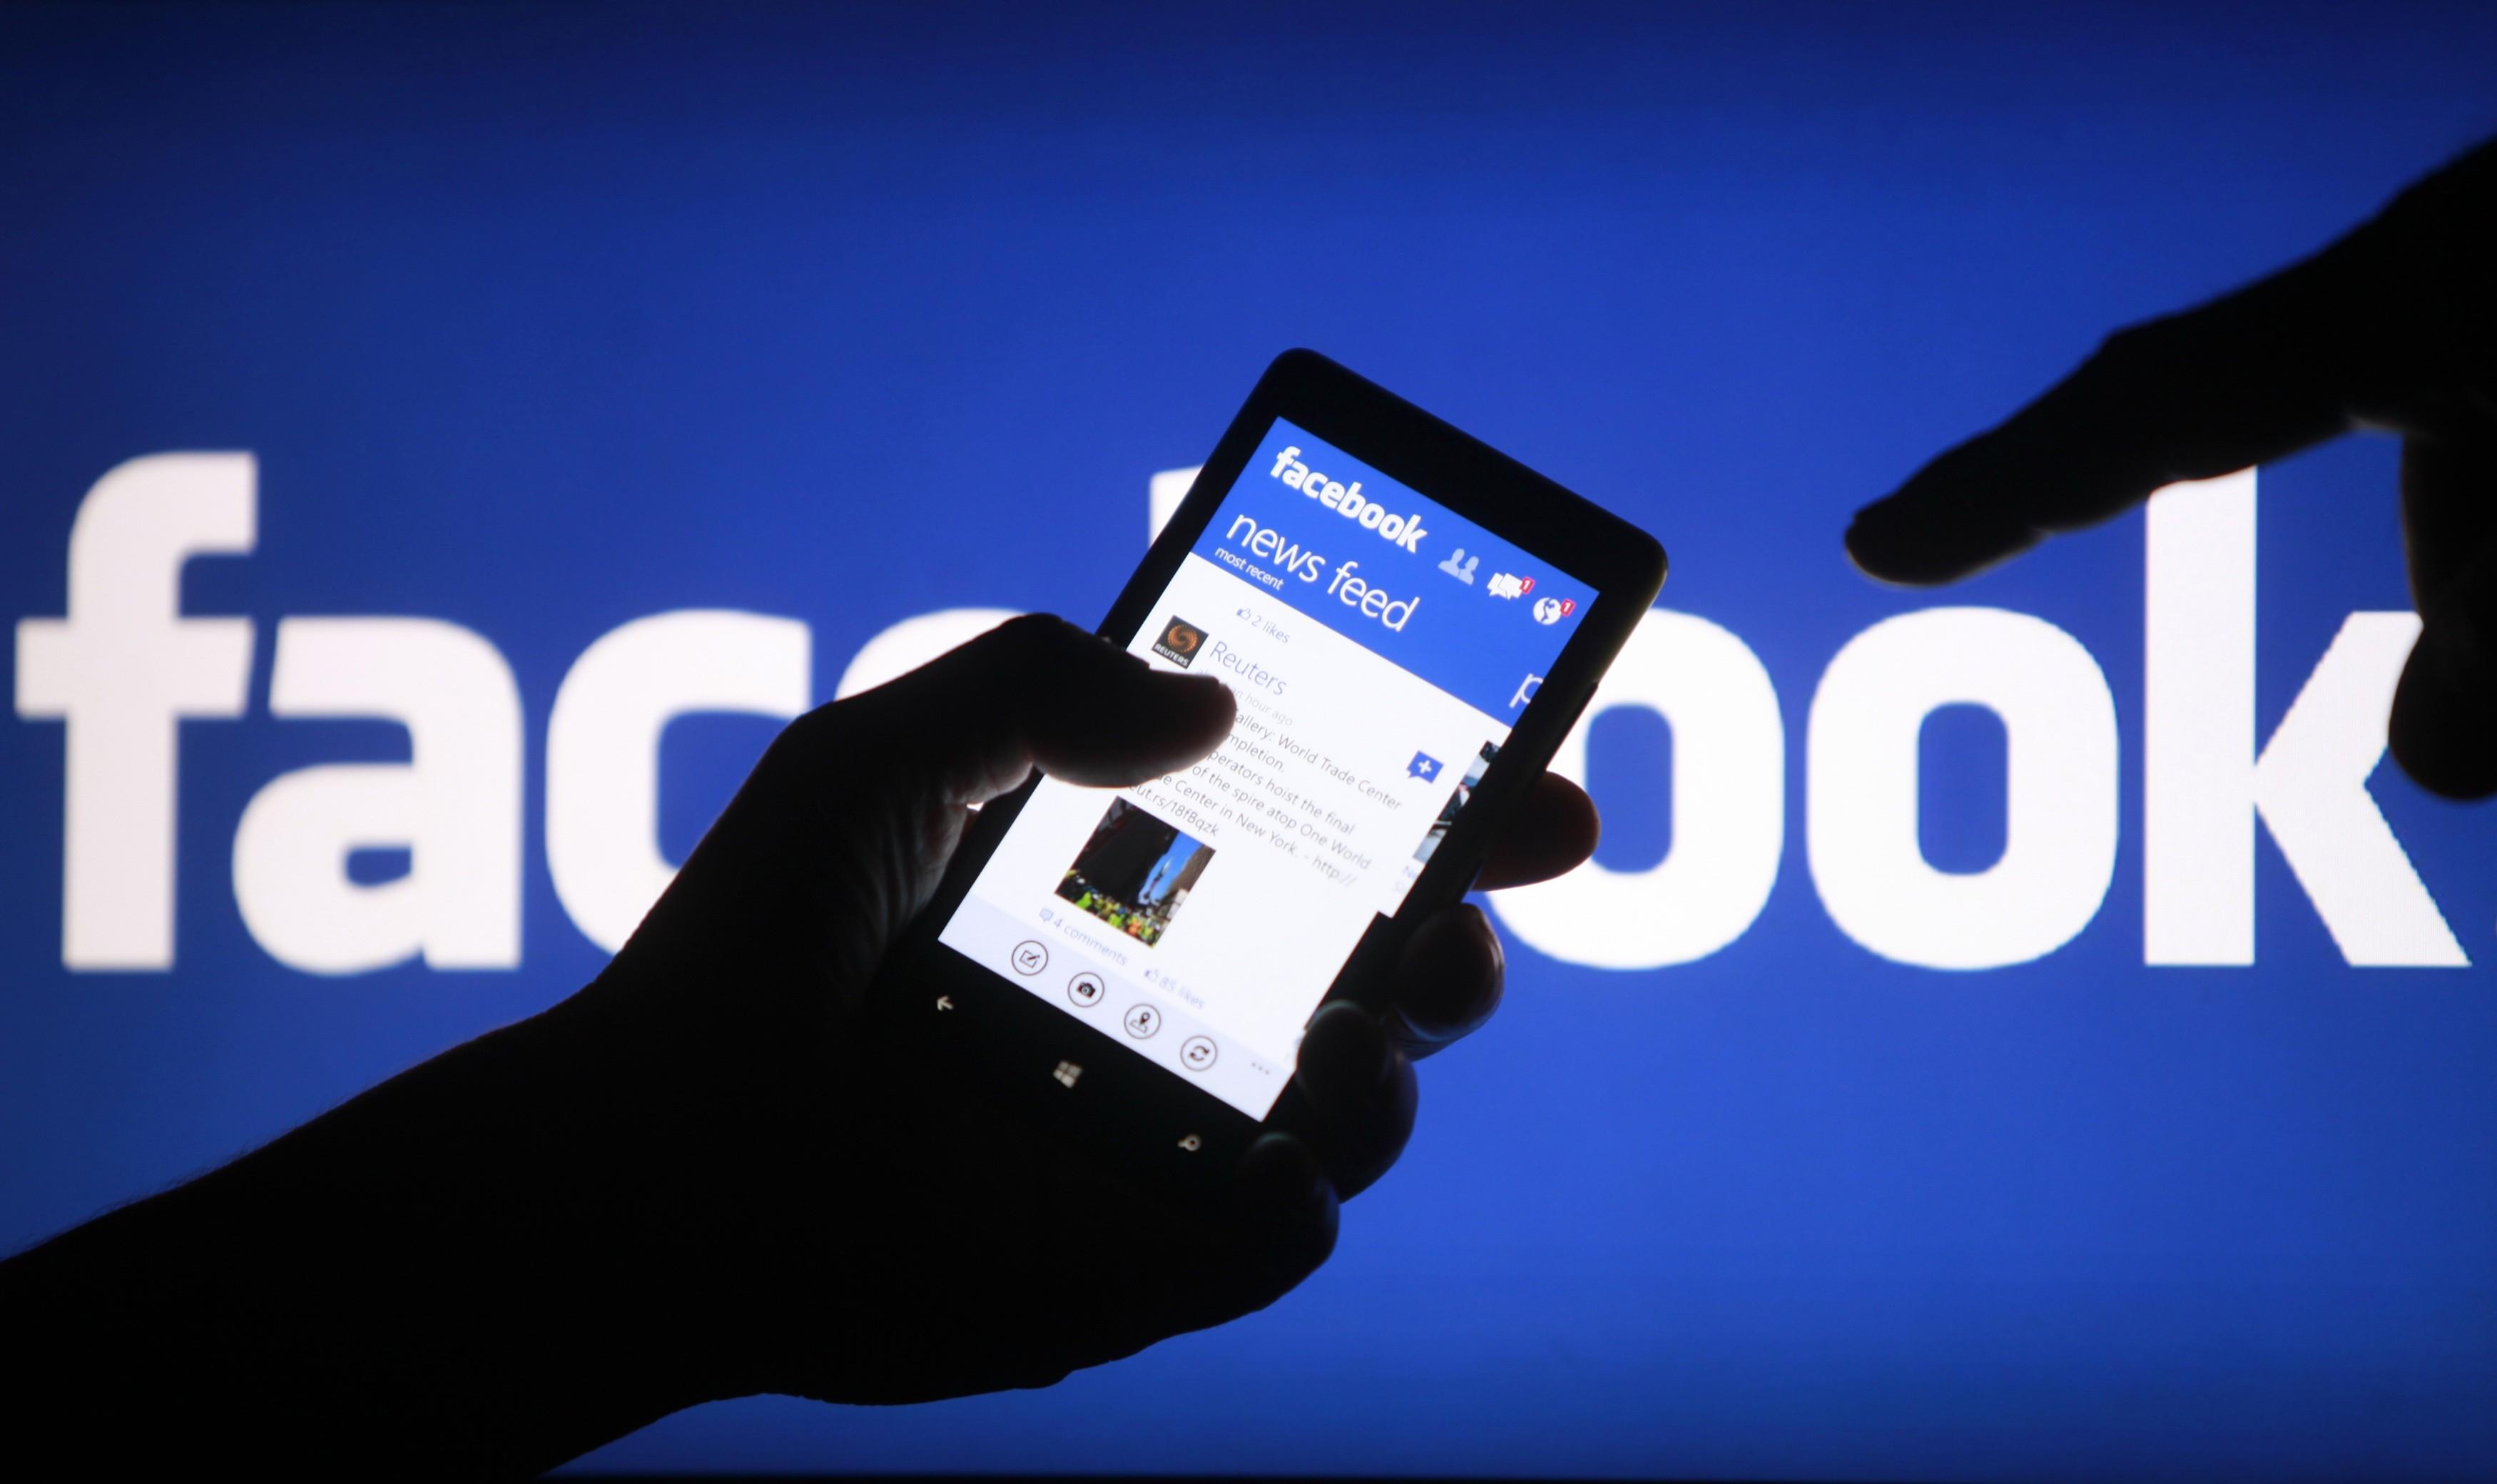 სასამართლომ აუკრძალა Facebook-ს თავისი მომხმარებლების თვალთვალი